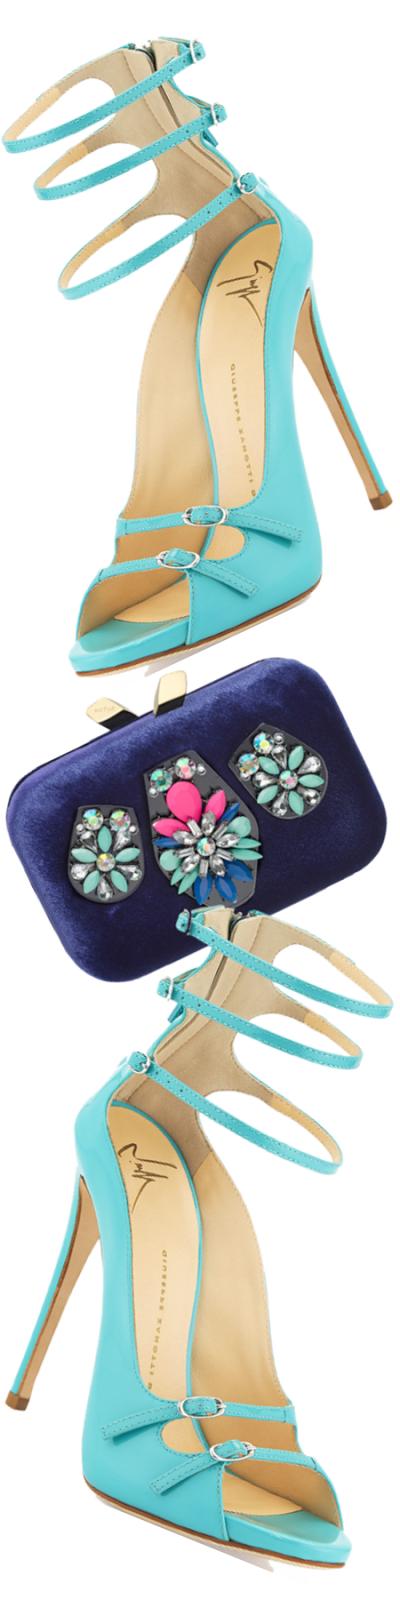 Giuseppe Zanotti Strappy Patent Leather Ankle Sandal, Light Blue